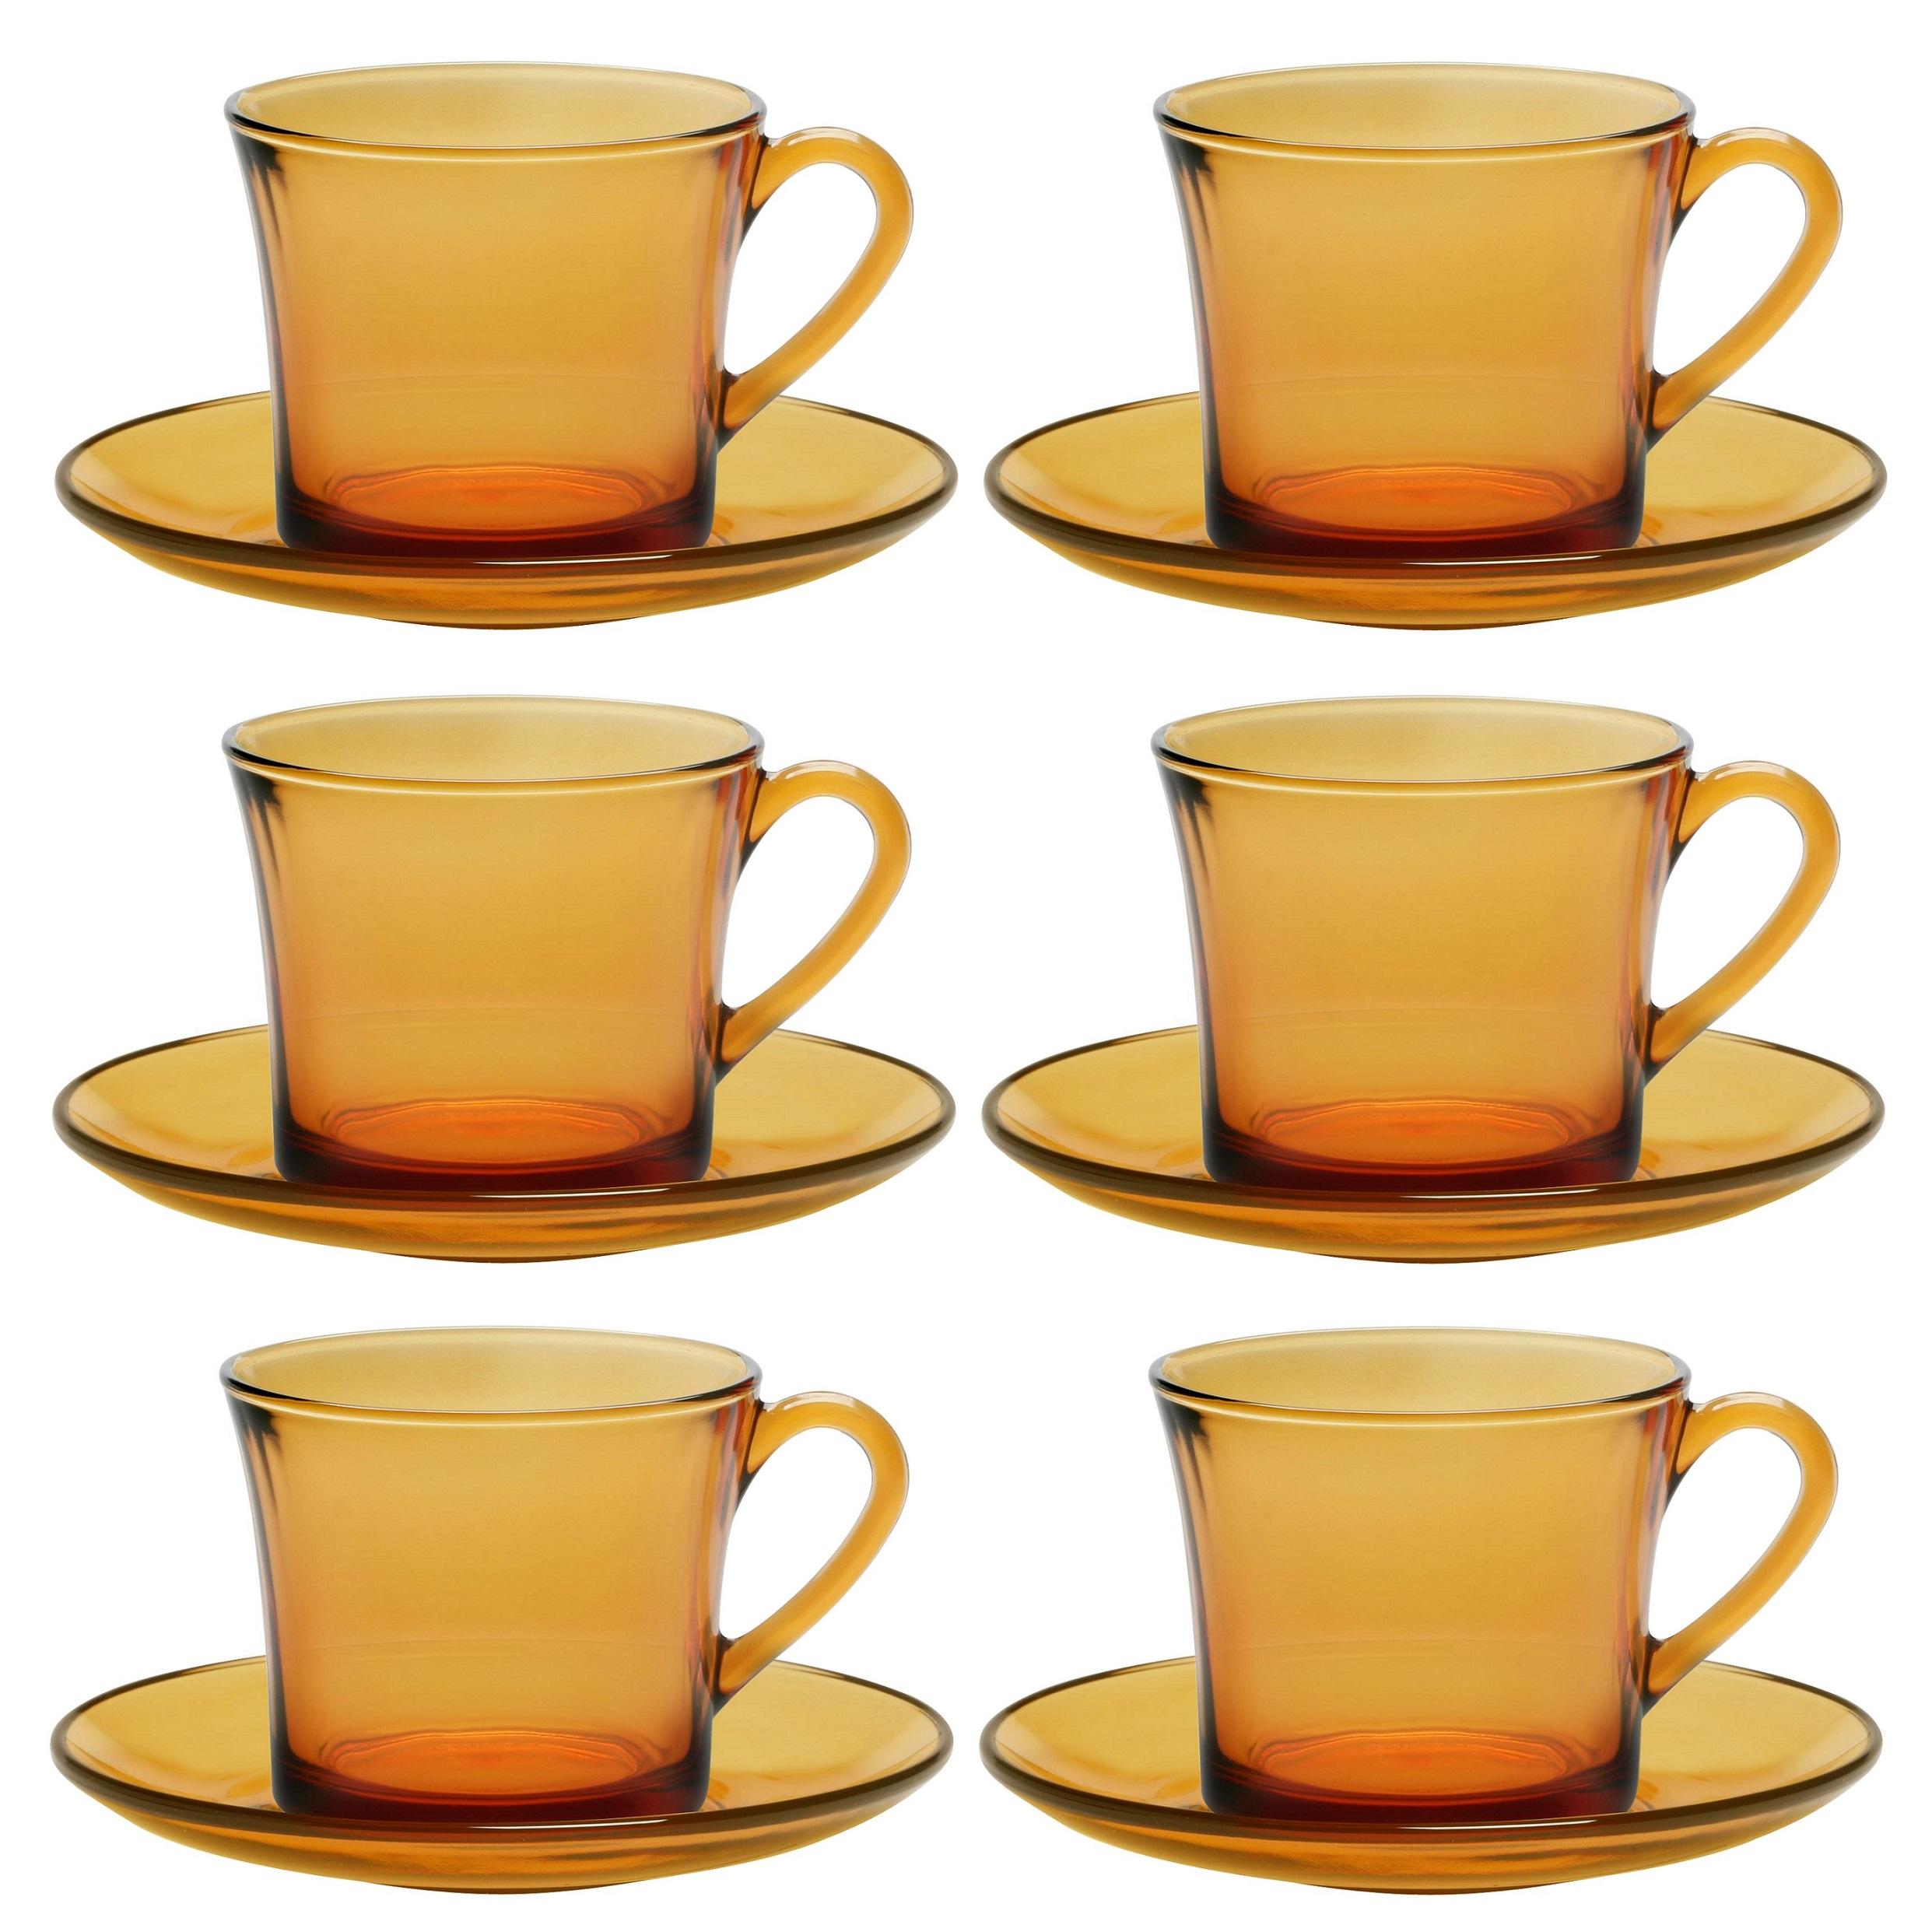 عکس سرویس چای خوری 12 پارچه دورالکس مدل LYS